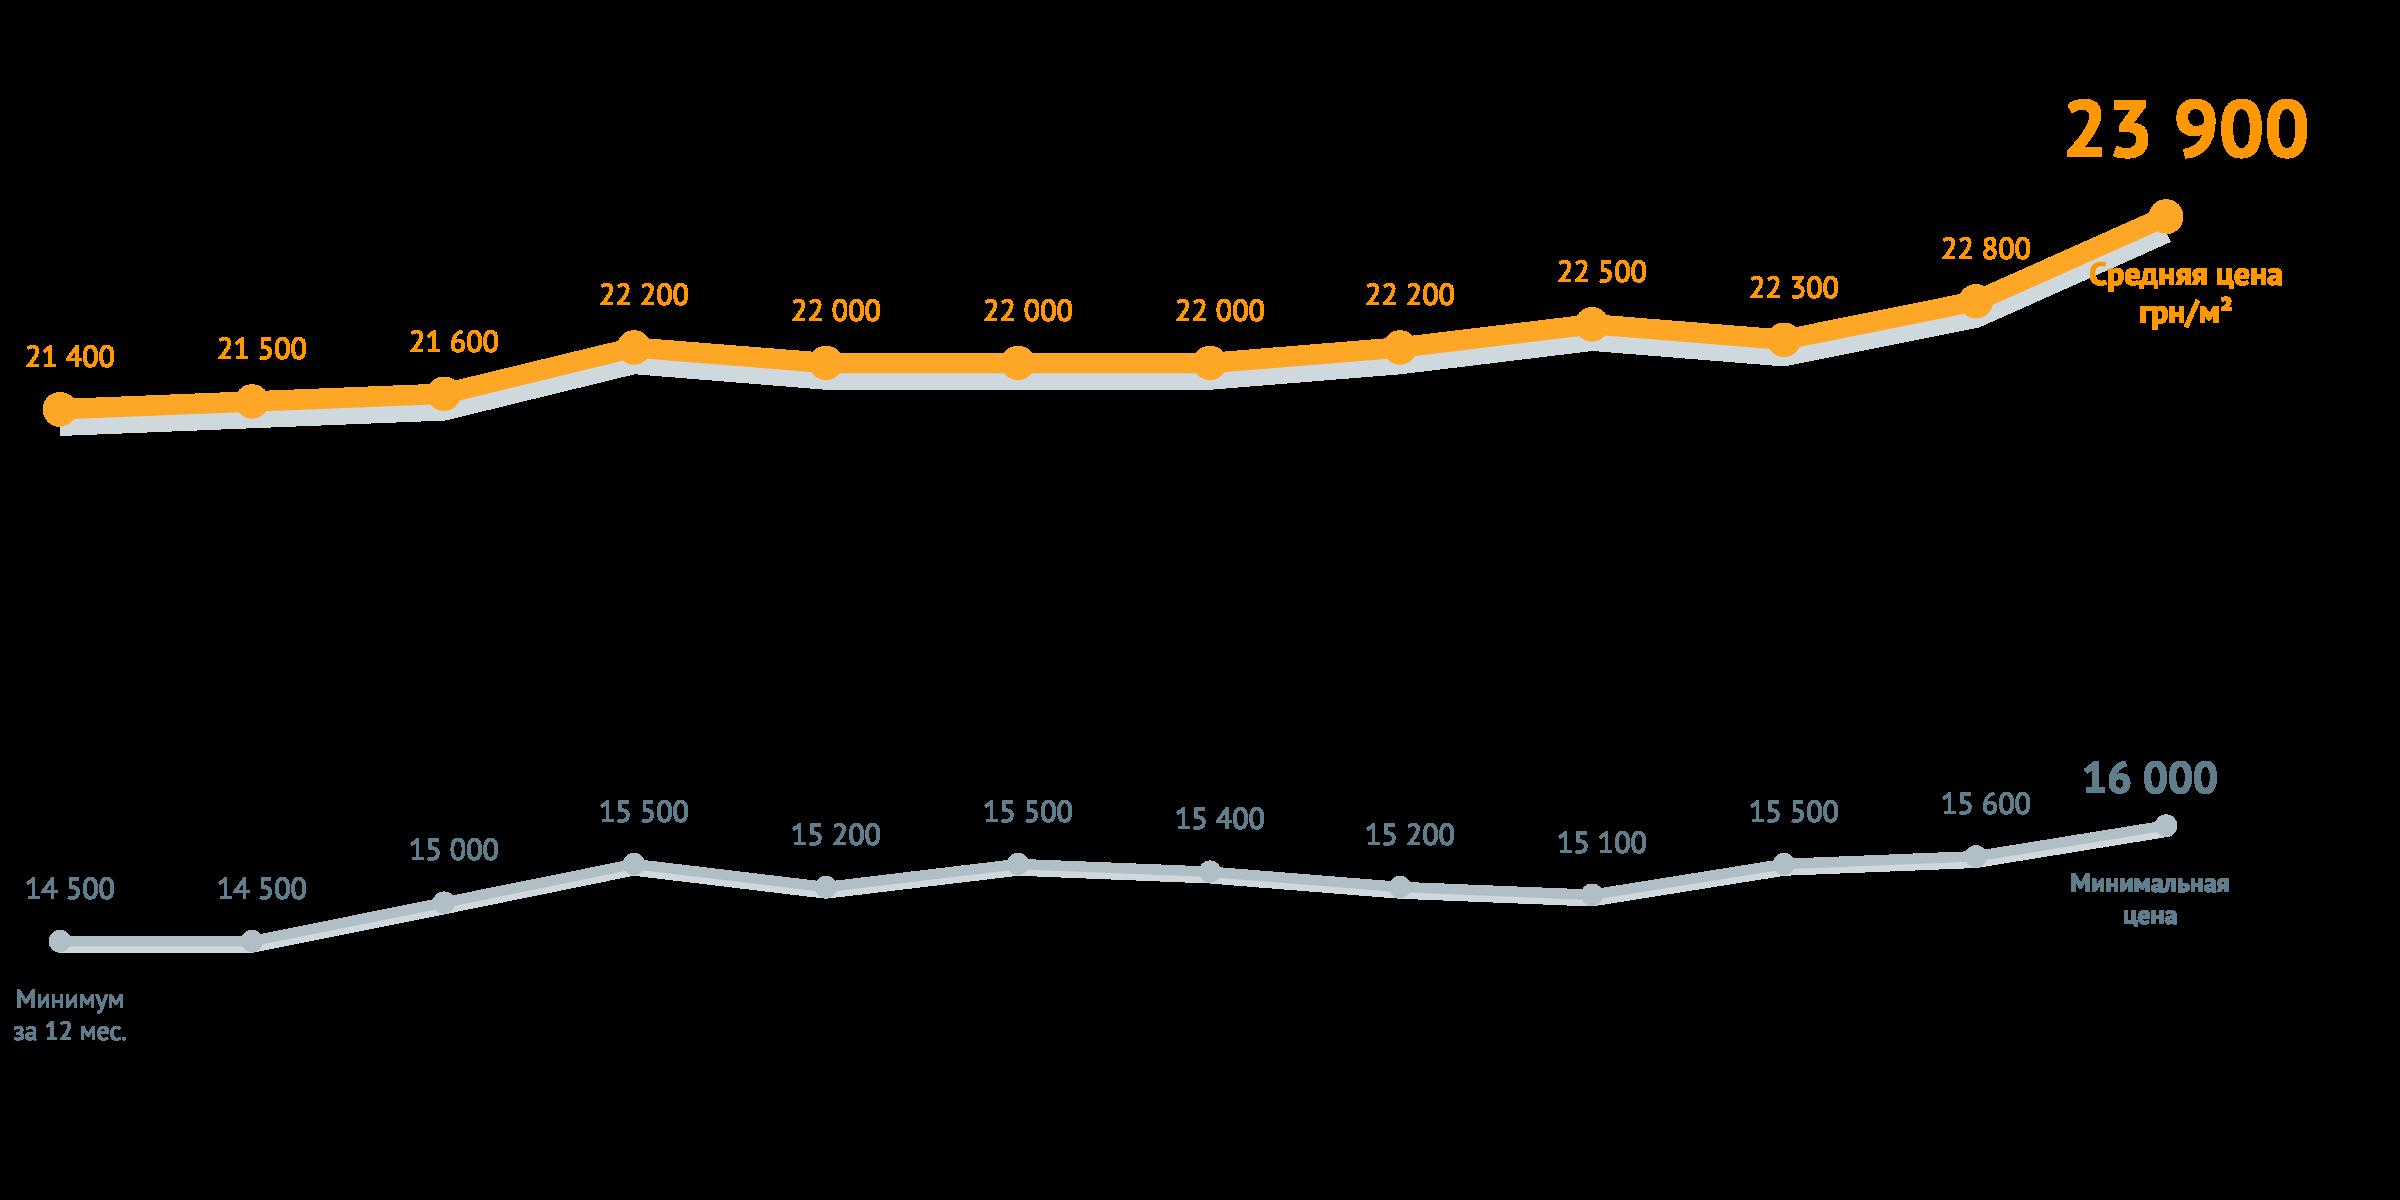 Динамика средних цен на столичные новостройки в гривнях